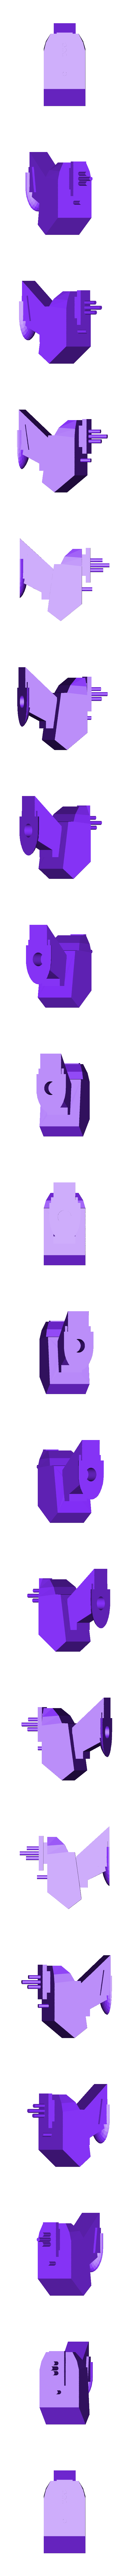 Rear_Tower.stl Télécharger fichier STL gratuit Frégate Nebulon B (coupée et sectionnée) • Modèle pour impression 3D, Masterkookus